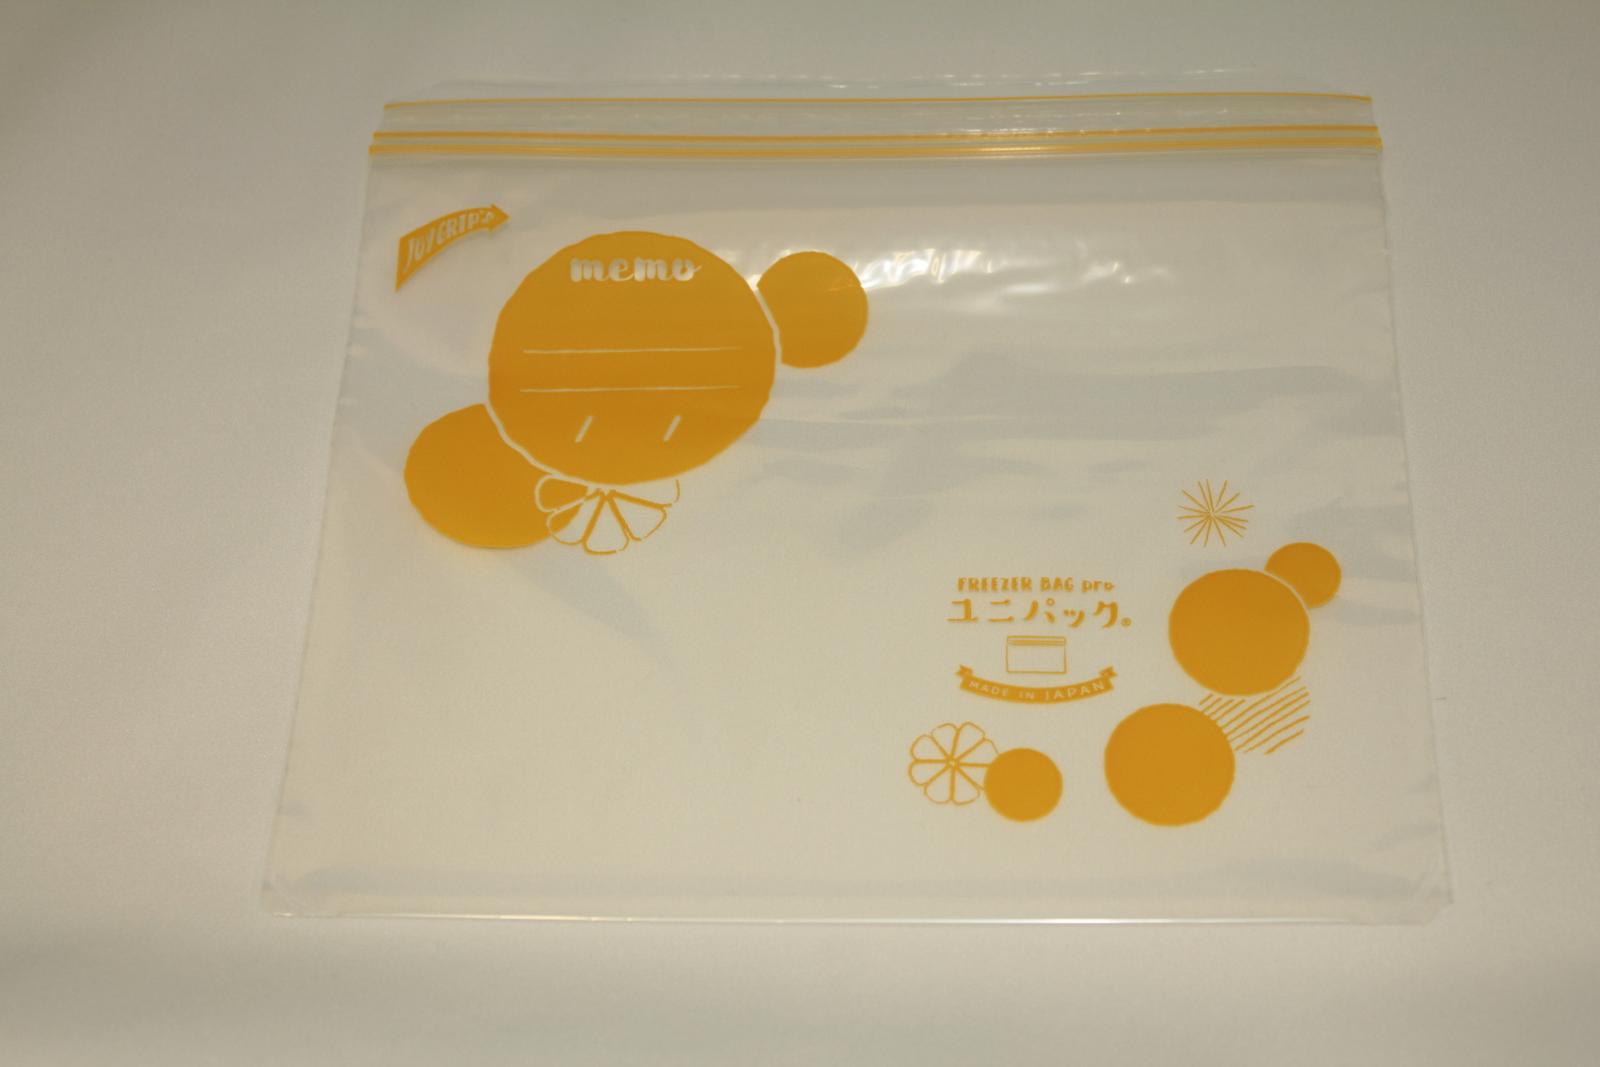 40%OFFの激安セール 日本製フリーザーバッグ 送料無料でお届けします 安心 安全 の袋で食材をおいしく保存 フリーザーバッグ M チャック付ポリ袋 10枚入 日本製 シトラス